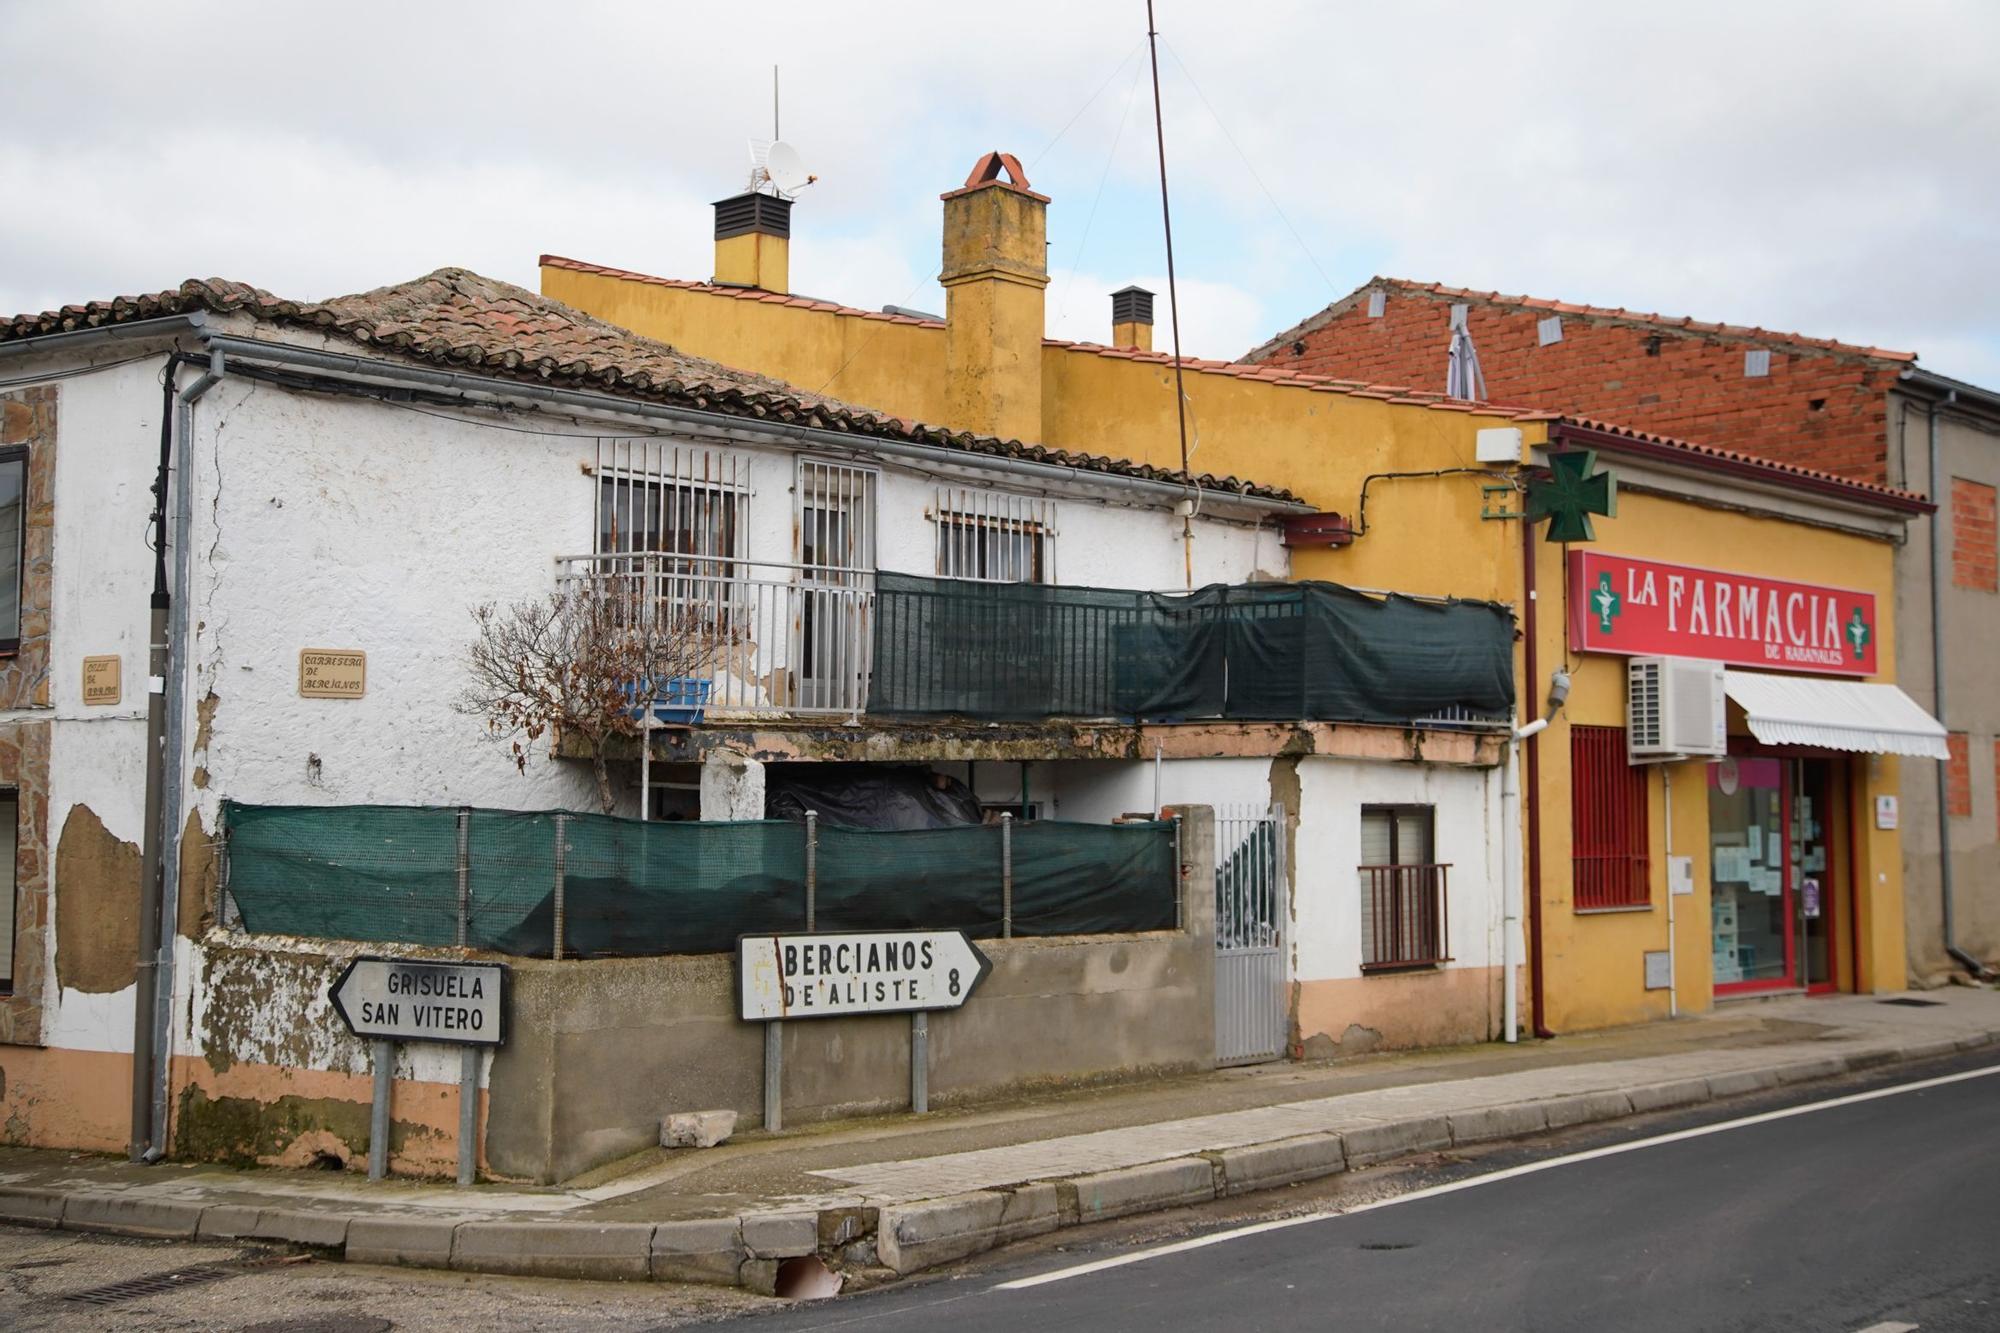 Zamora DesAparece | Las mejores imágenes de Rabanales: su presente y futuro